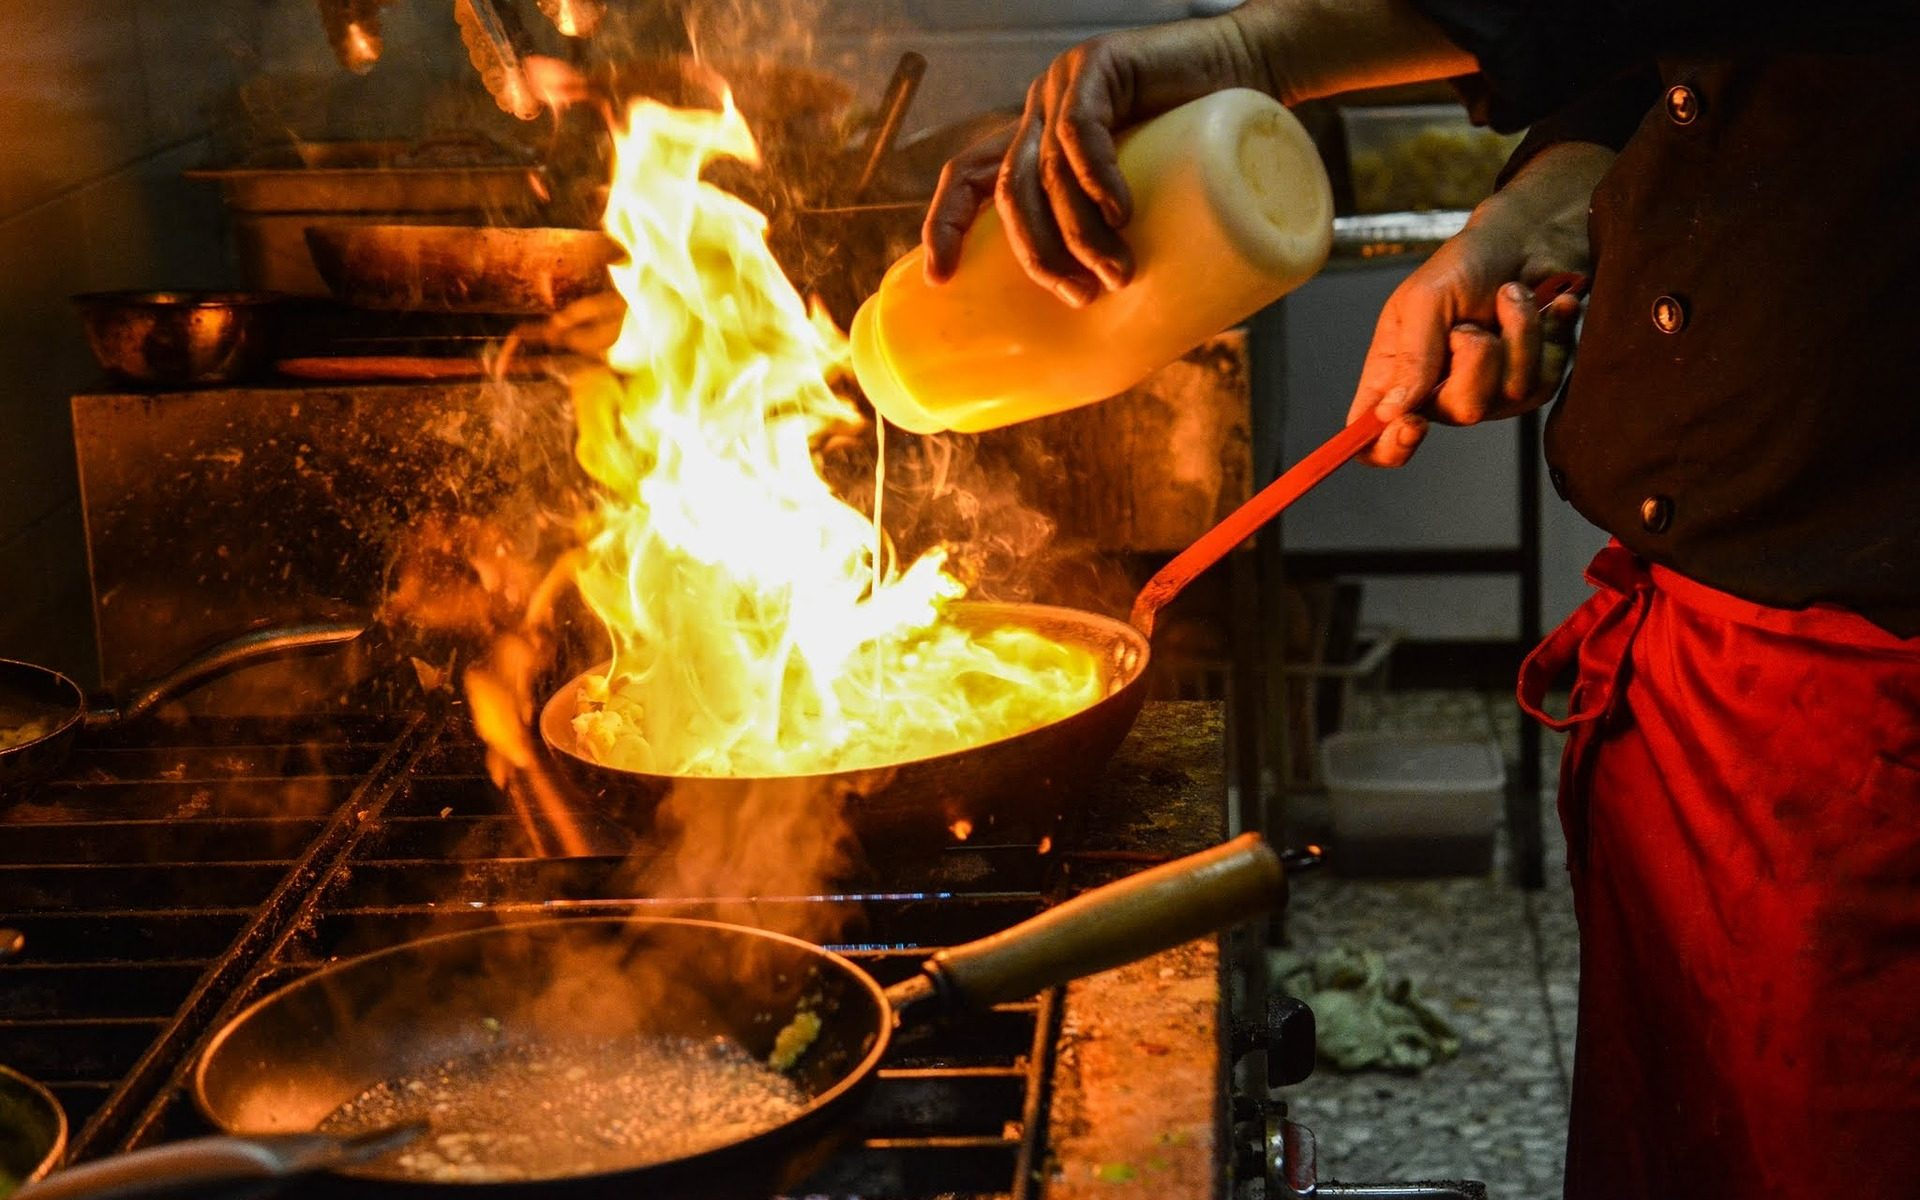 cooking flambieren 1920x1200 - Eat: Mallorca kulinarisch entdecken